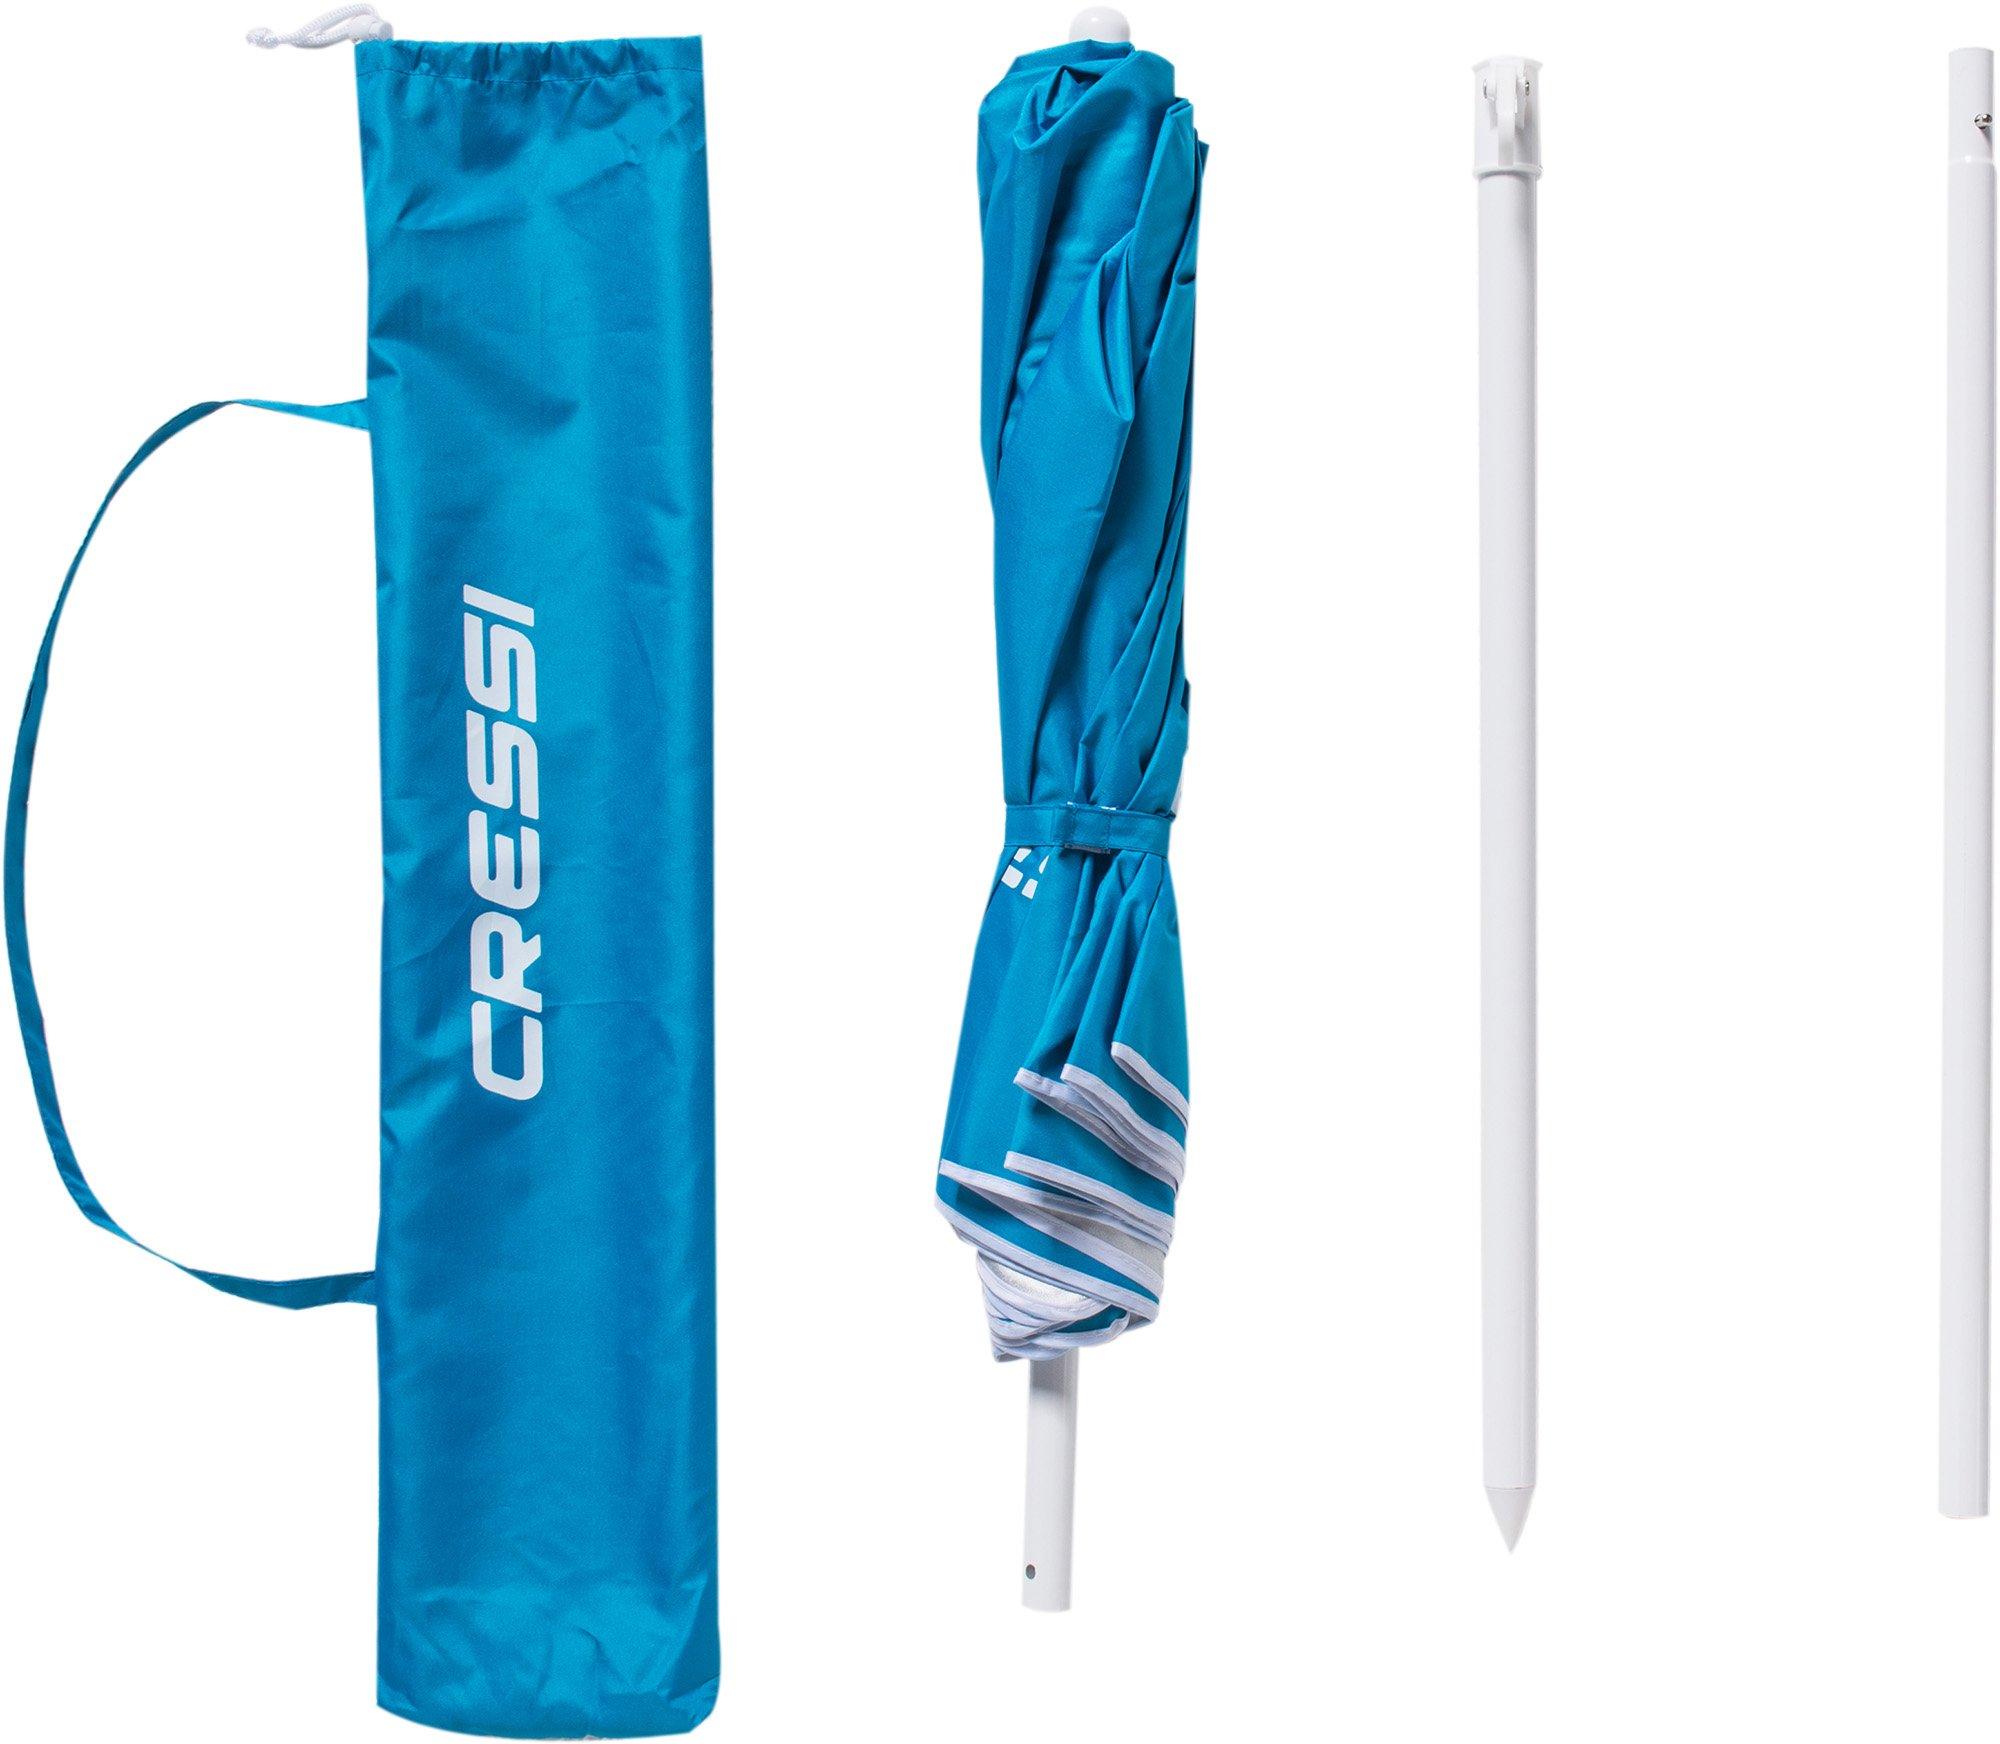 Cressi Premium Beach Umbrella Portable with Folding 6